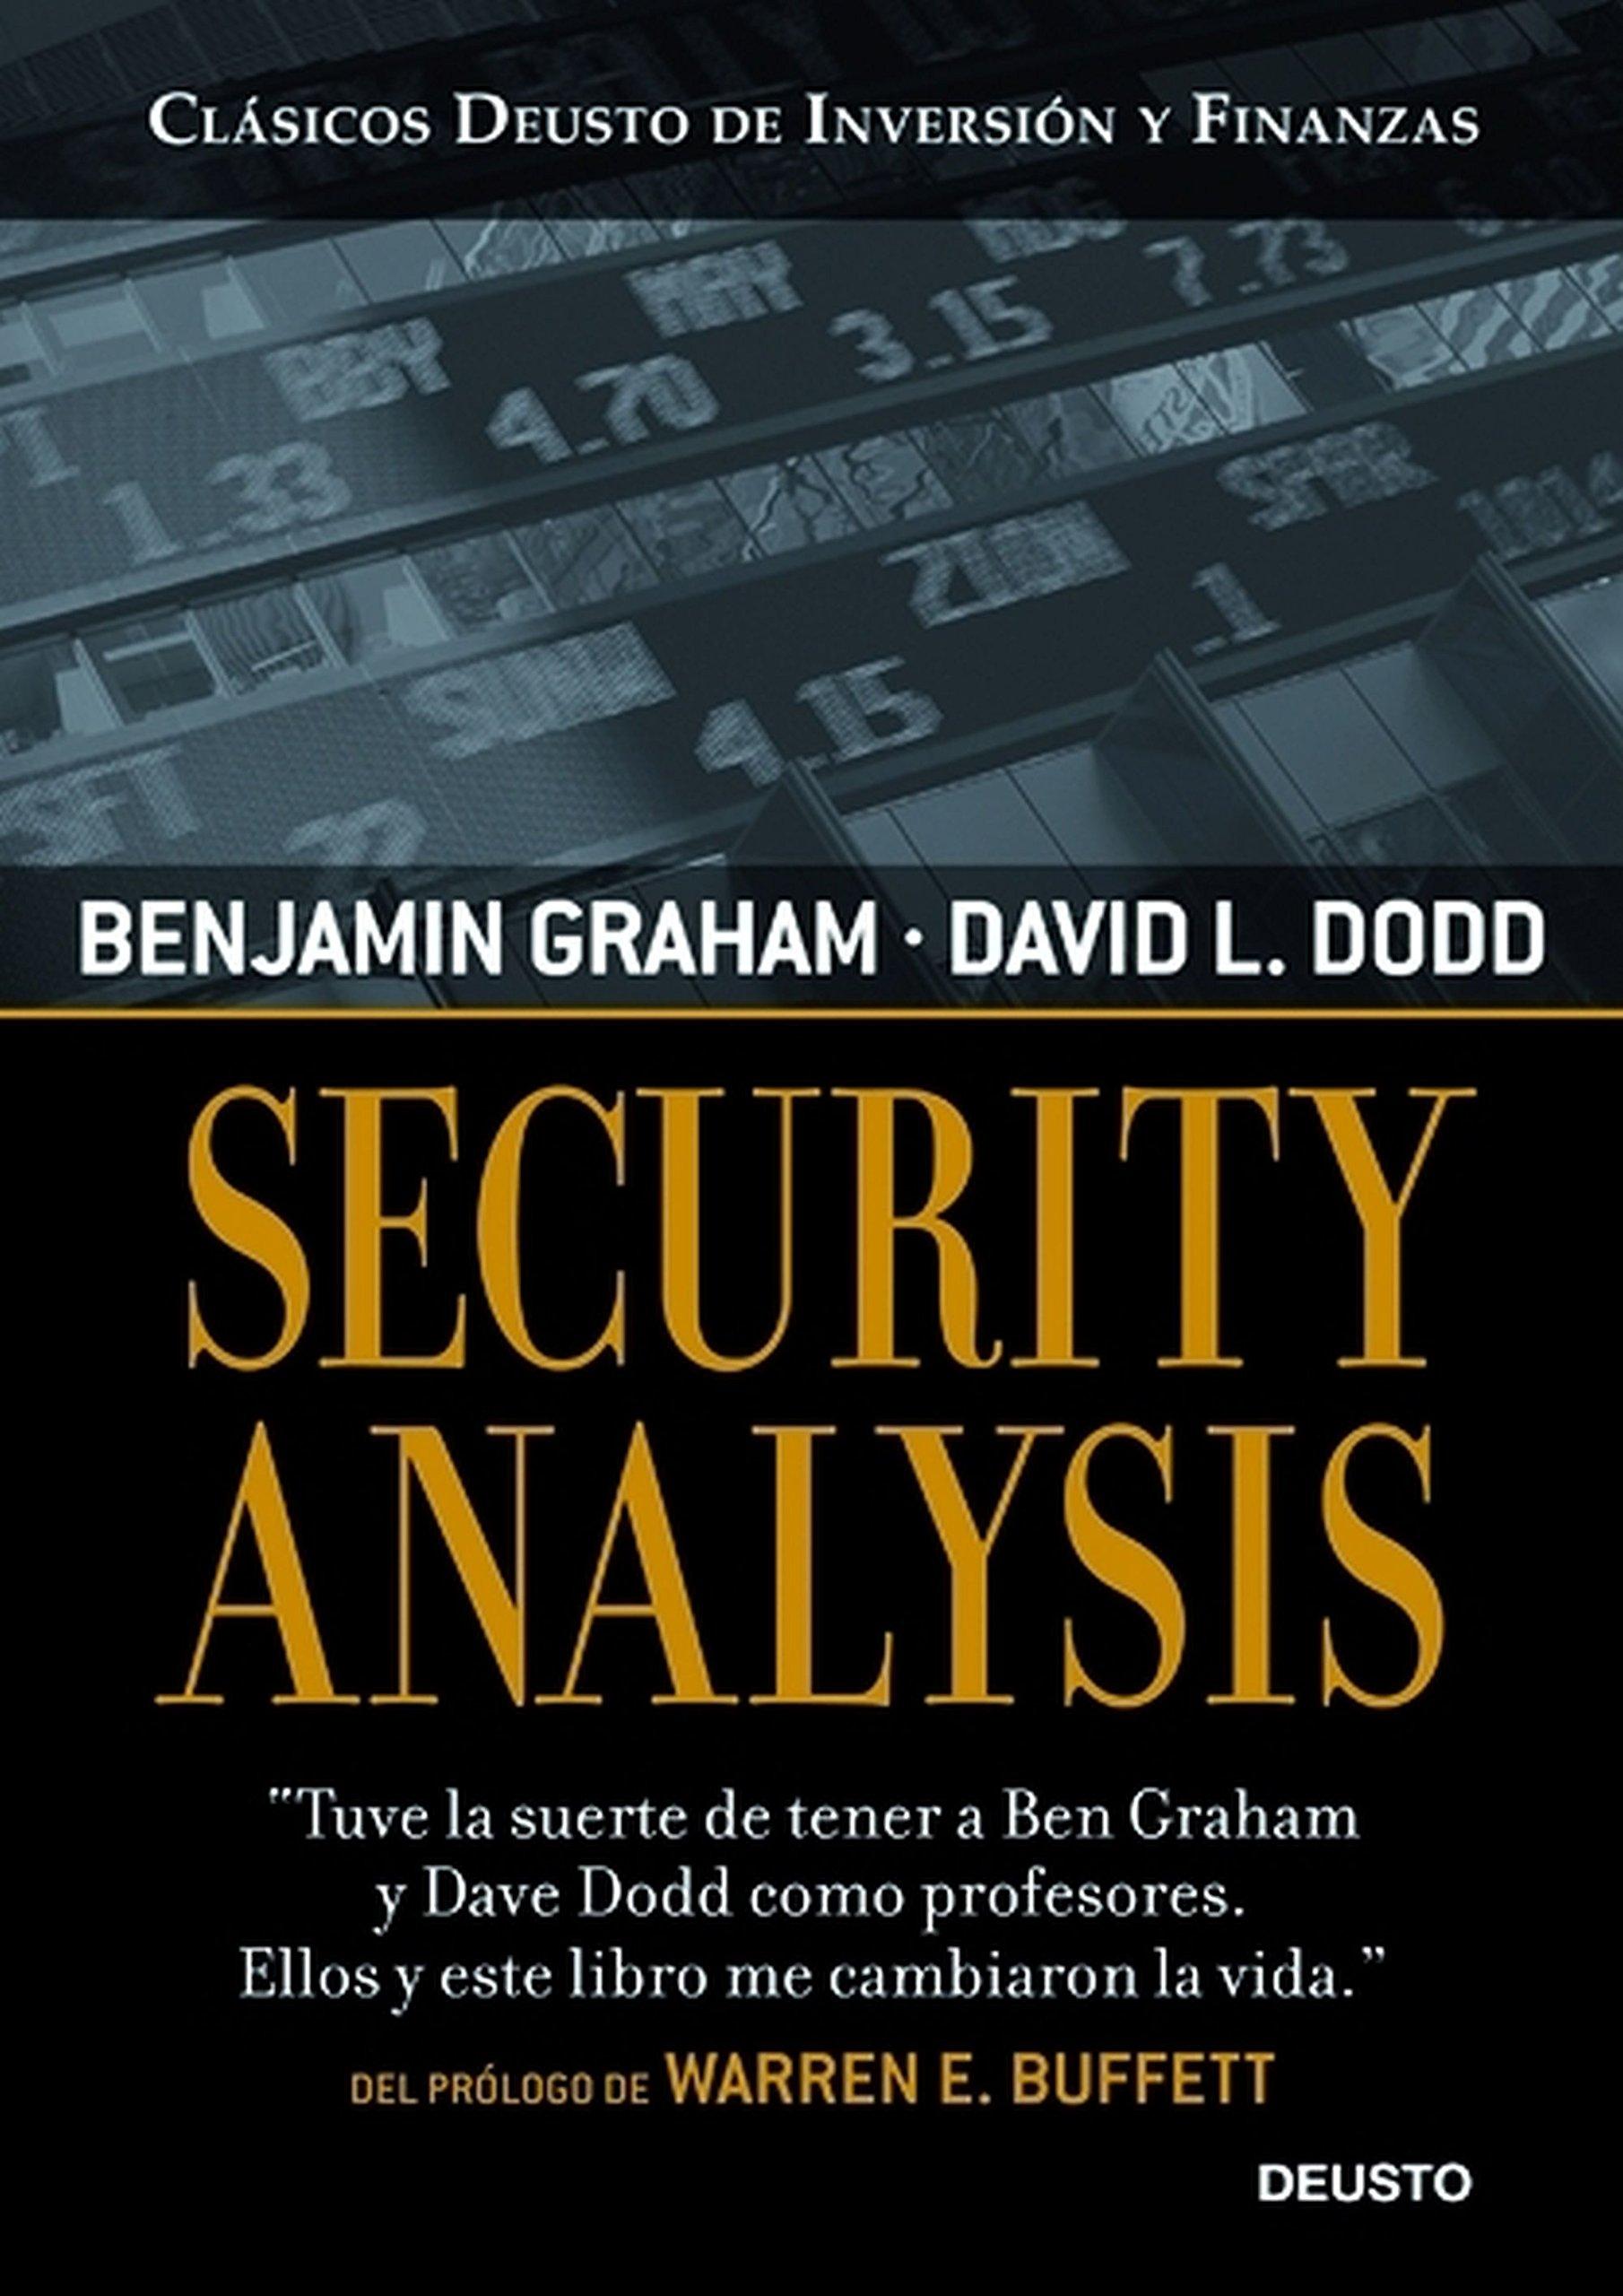 Security Analysis Clásicos Deusto de Inversión y Finanzas: Amazon.es:  Benjamin Graham, David Dodd: Libros